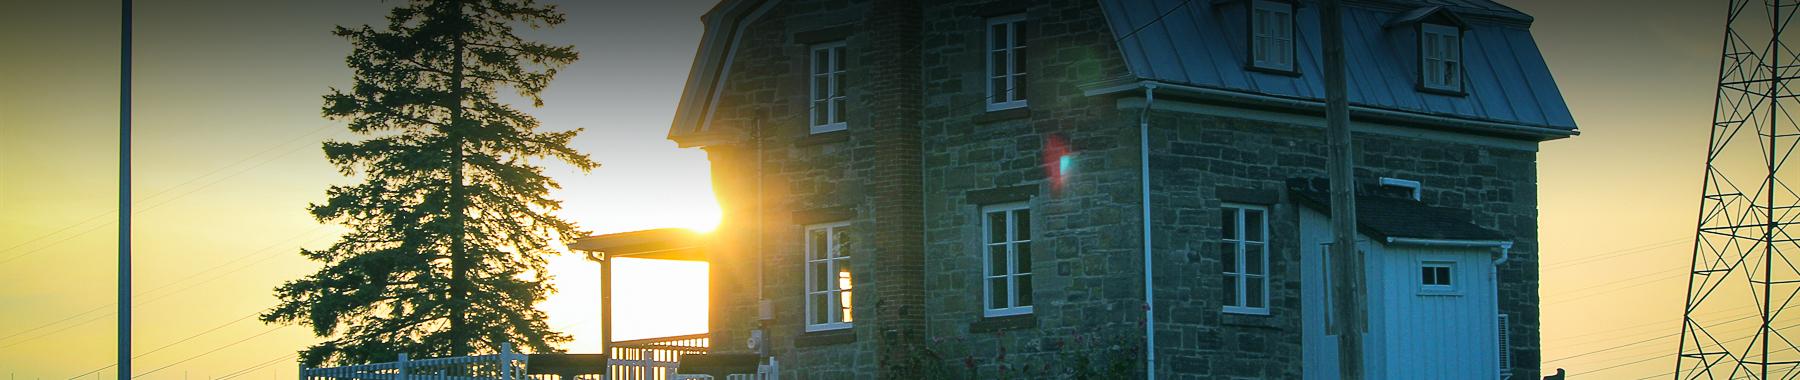 maison historique carillon